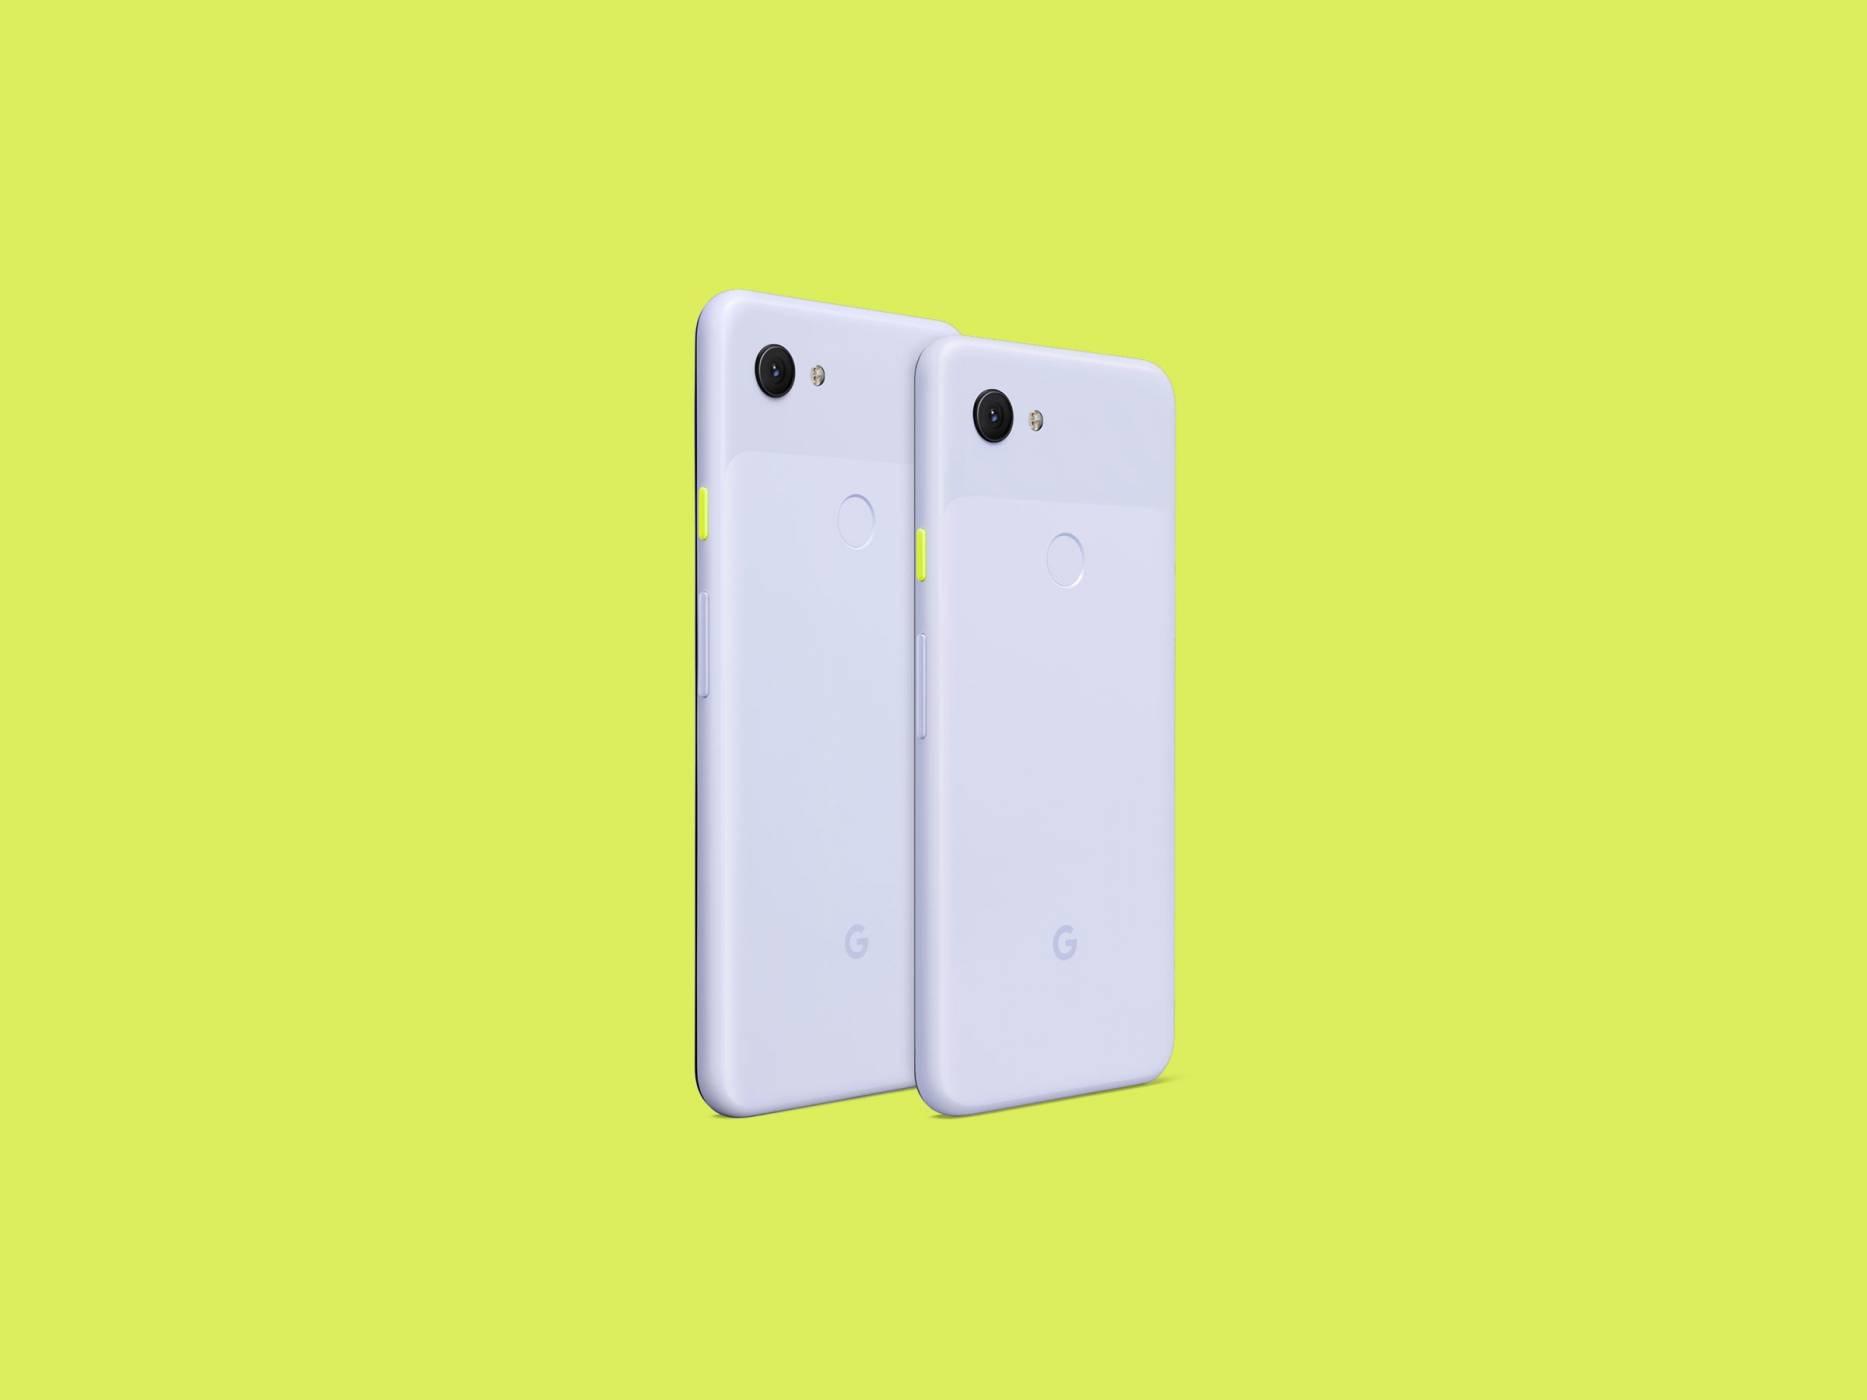 Google Pixel 3a е сравним с Pixel 3 и iPhone XR като камера